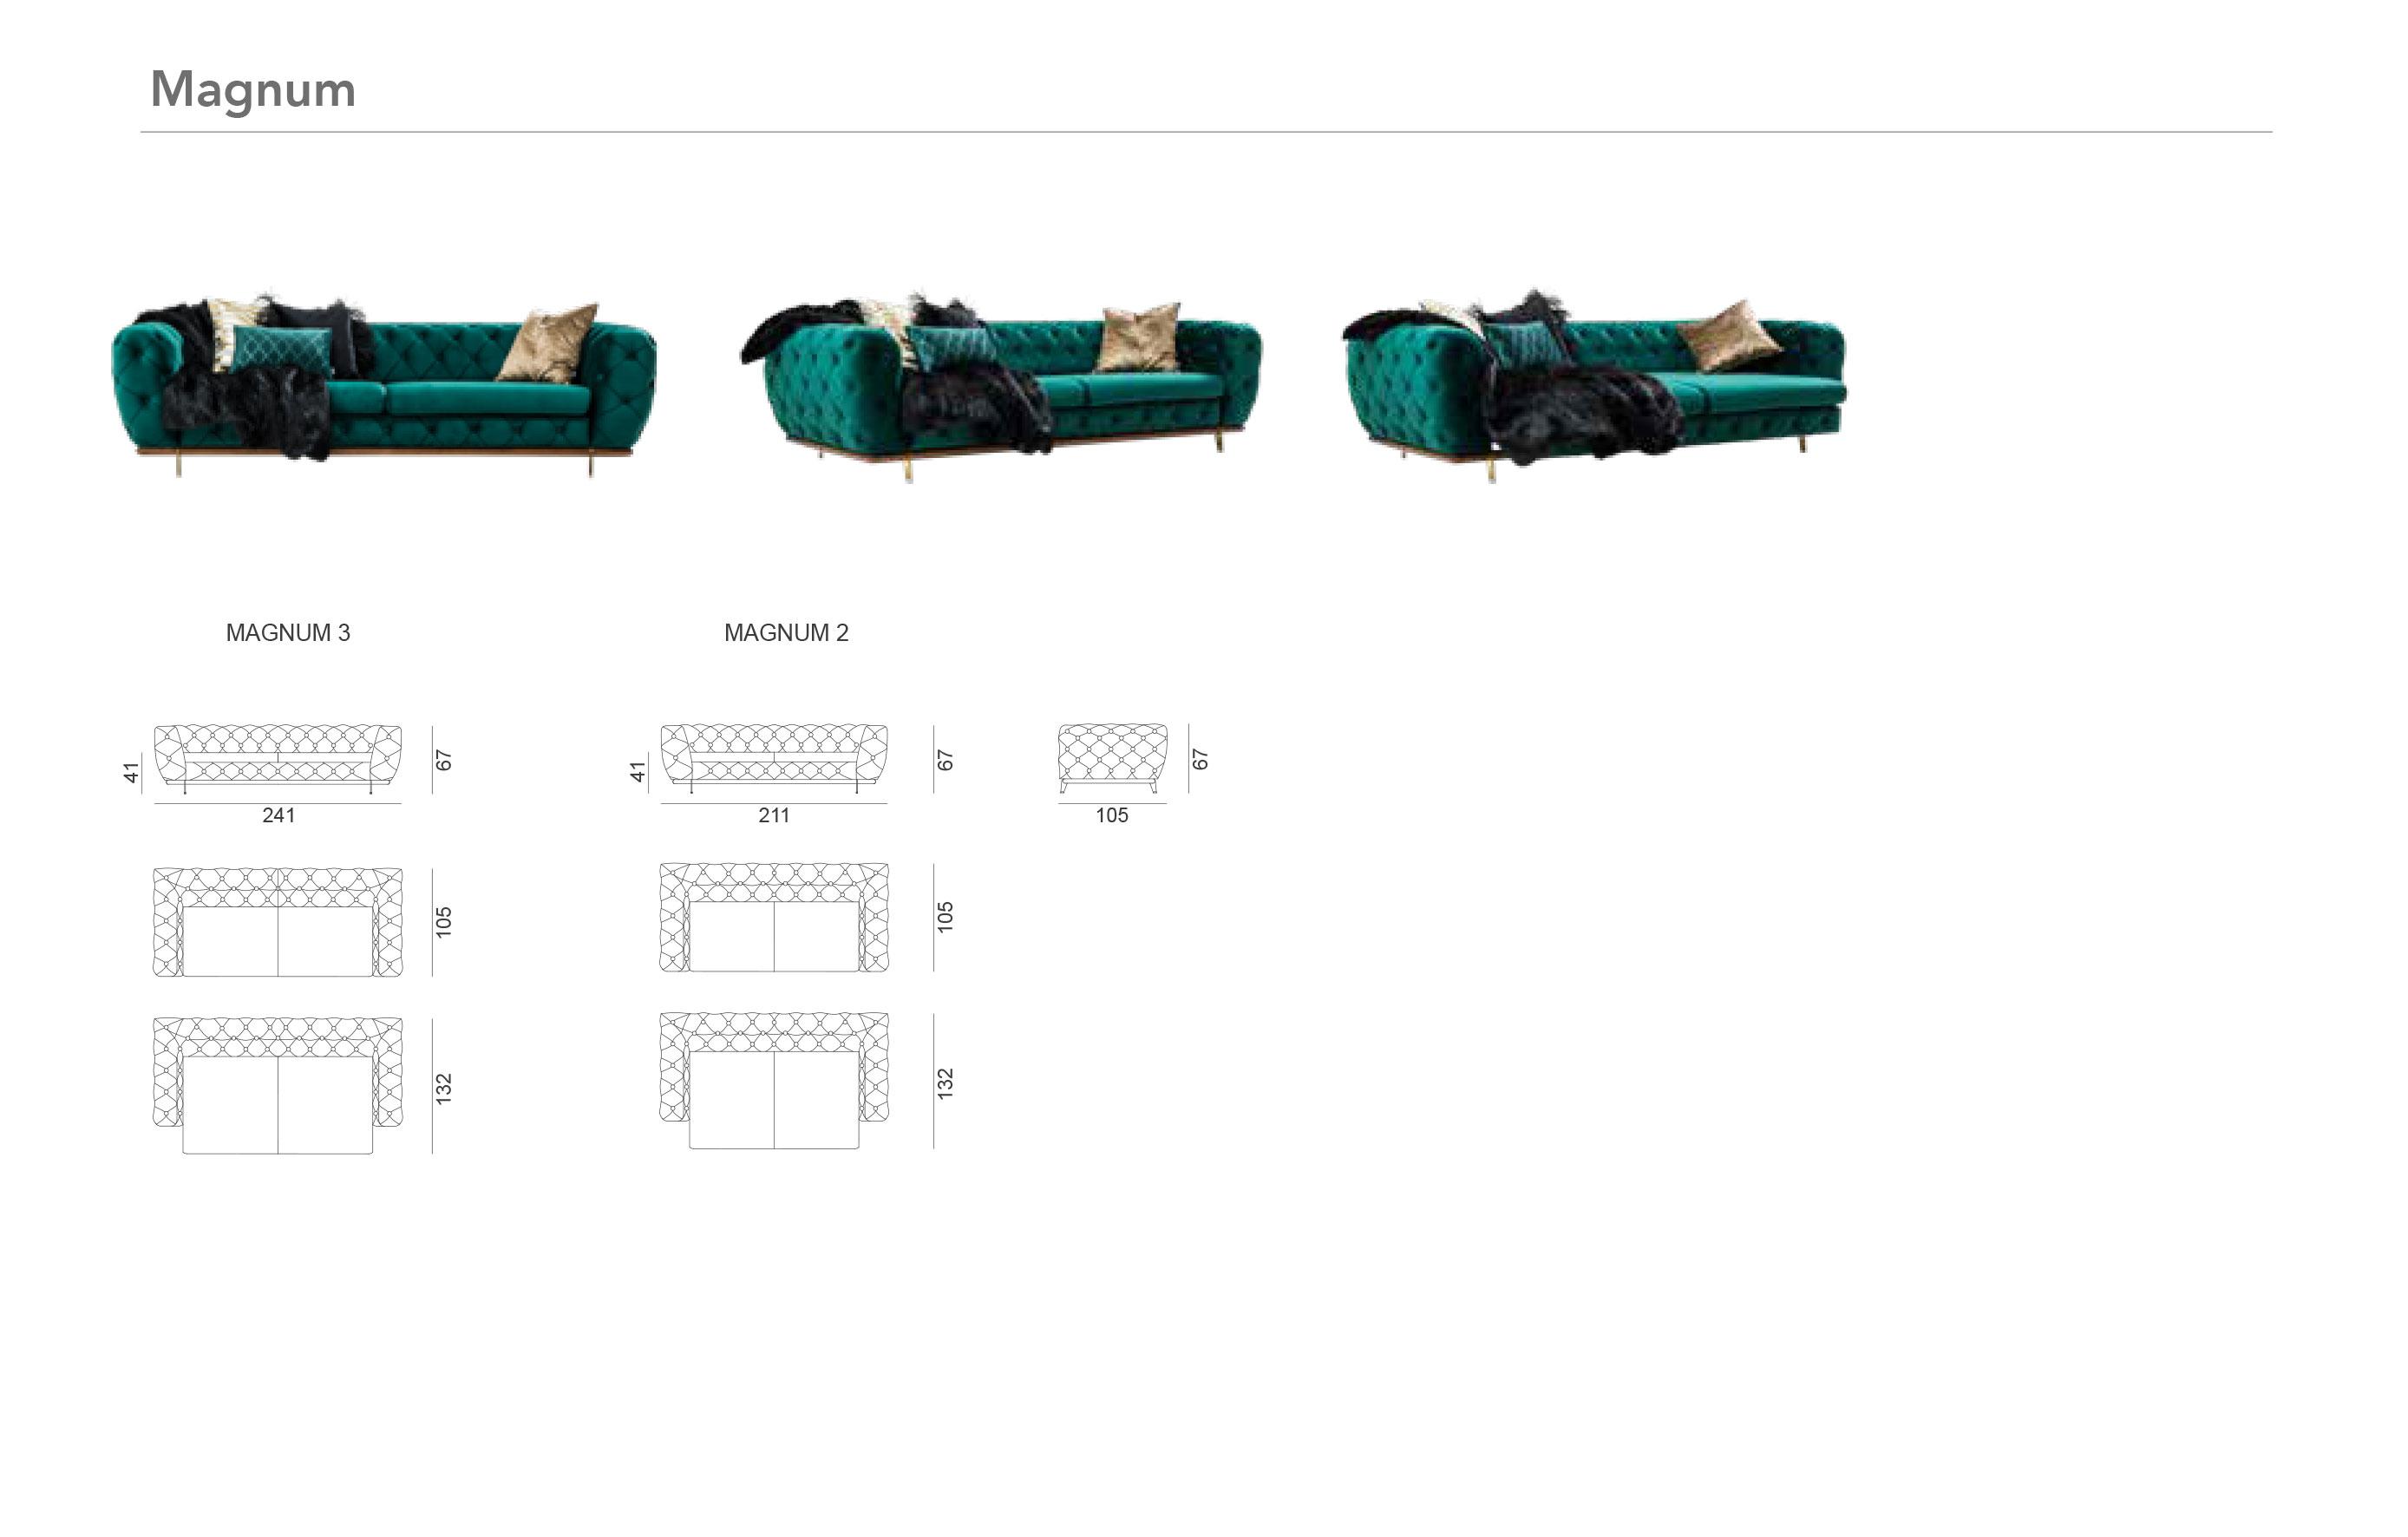 magnum-sofa-set